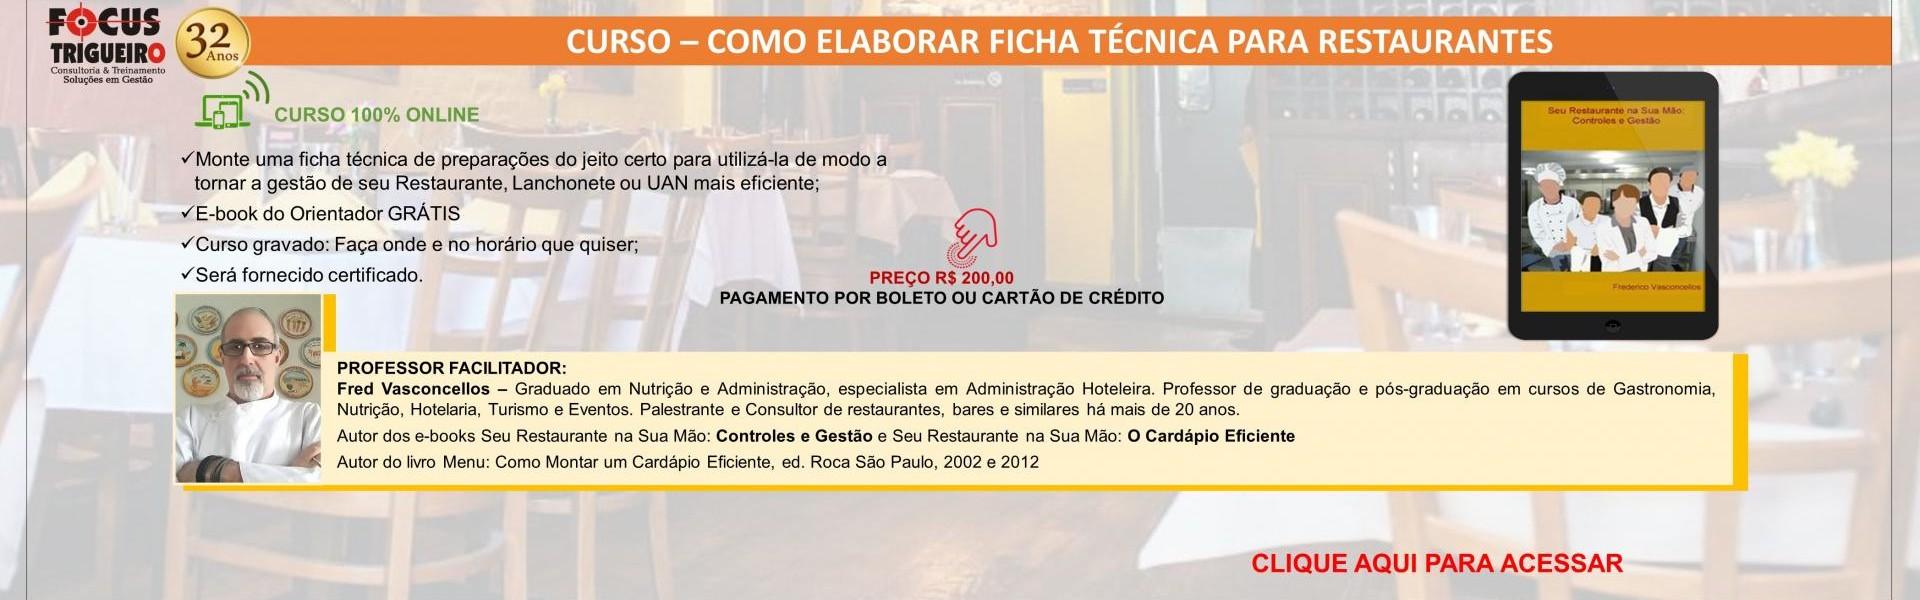 CURSO – COMO ELABORAR FICHA TÉCNICA PARA RESTAURANTES